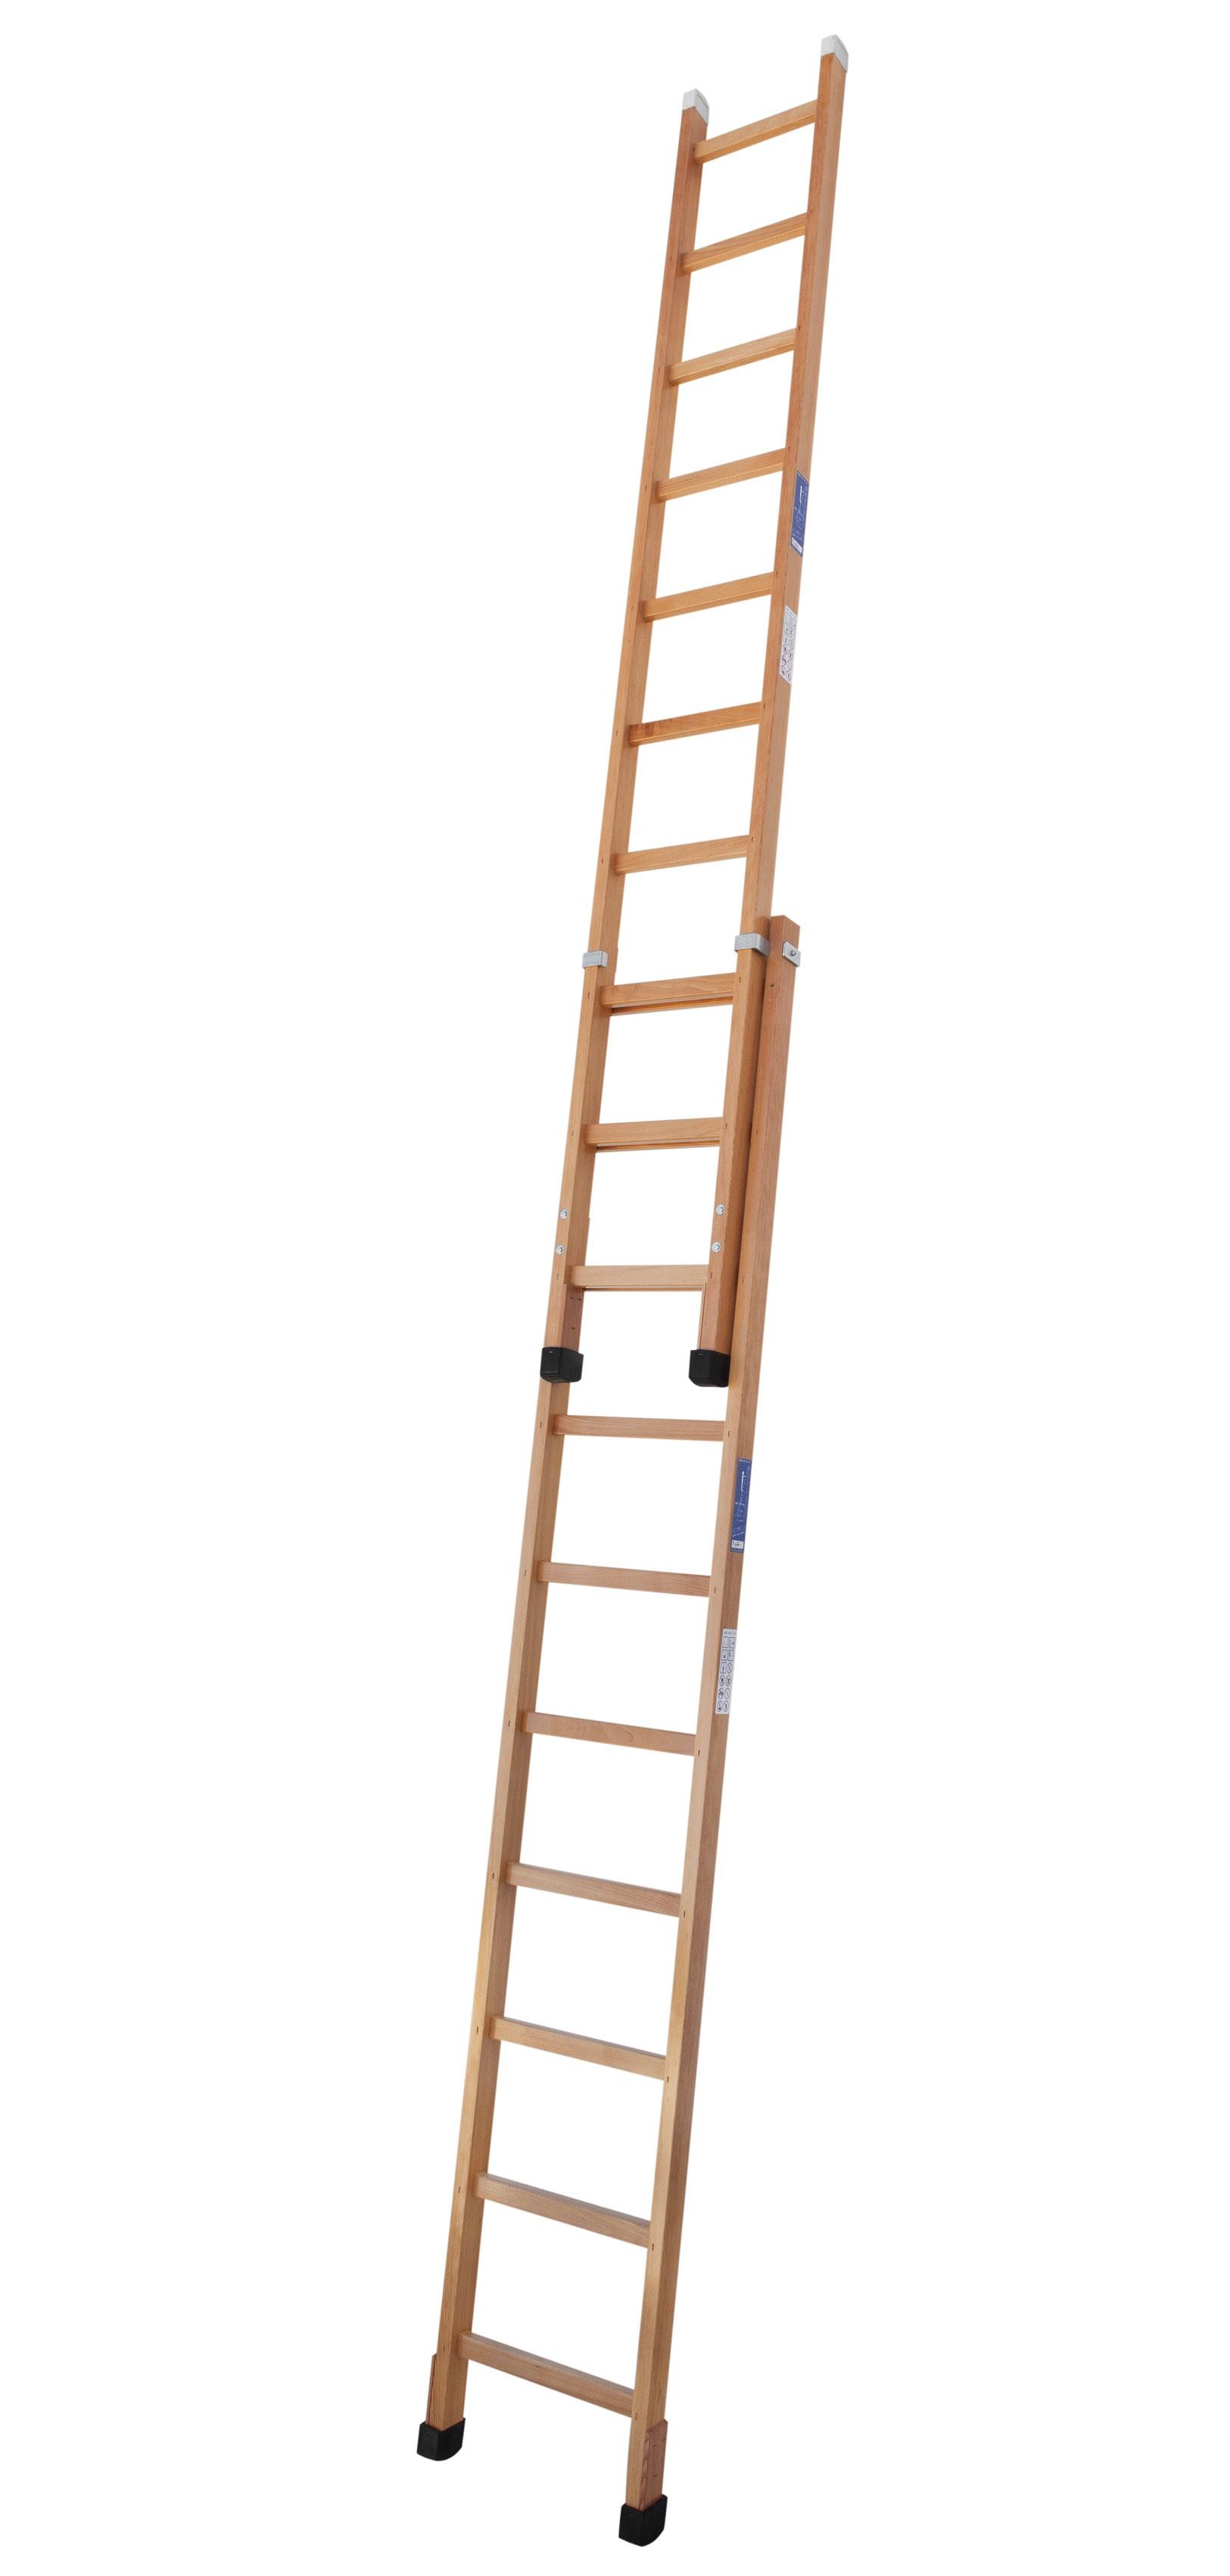 Escaleras de madera fabricaci n y venta escaleras arizona for Escaleras de madera para pintor precios